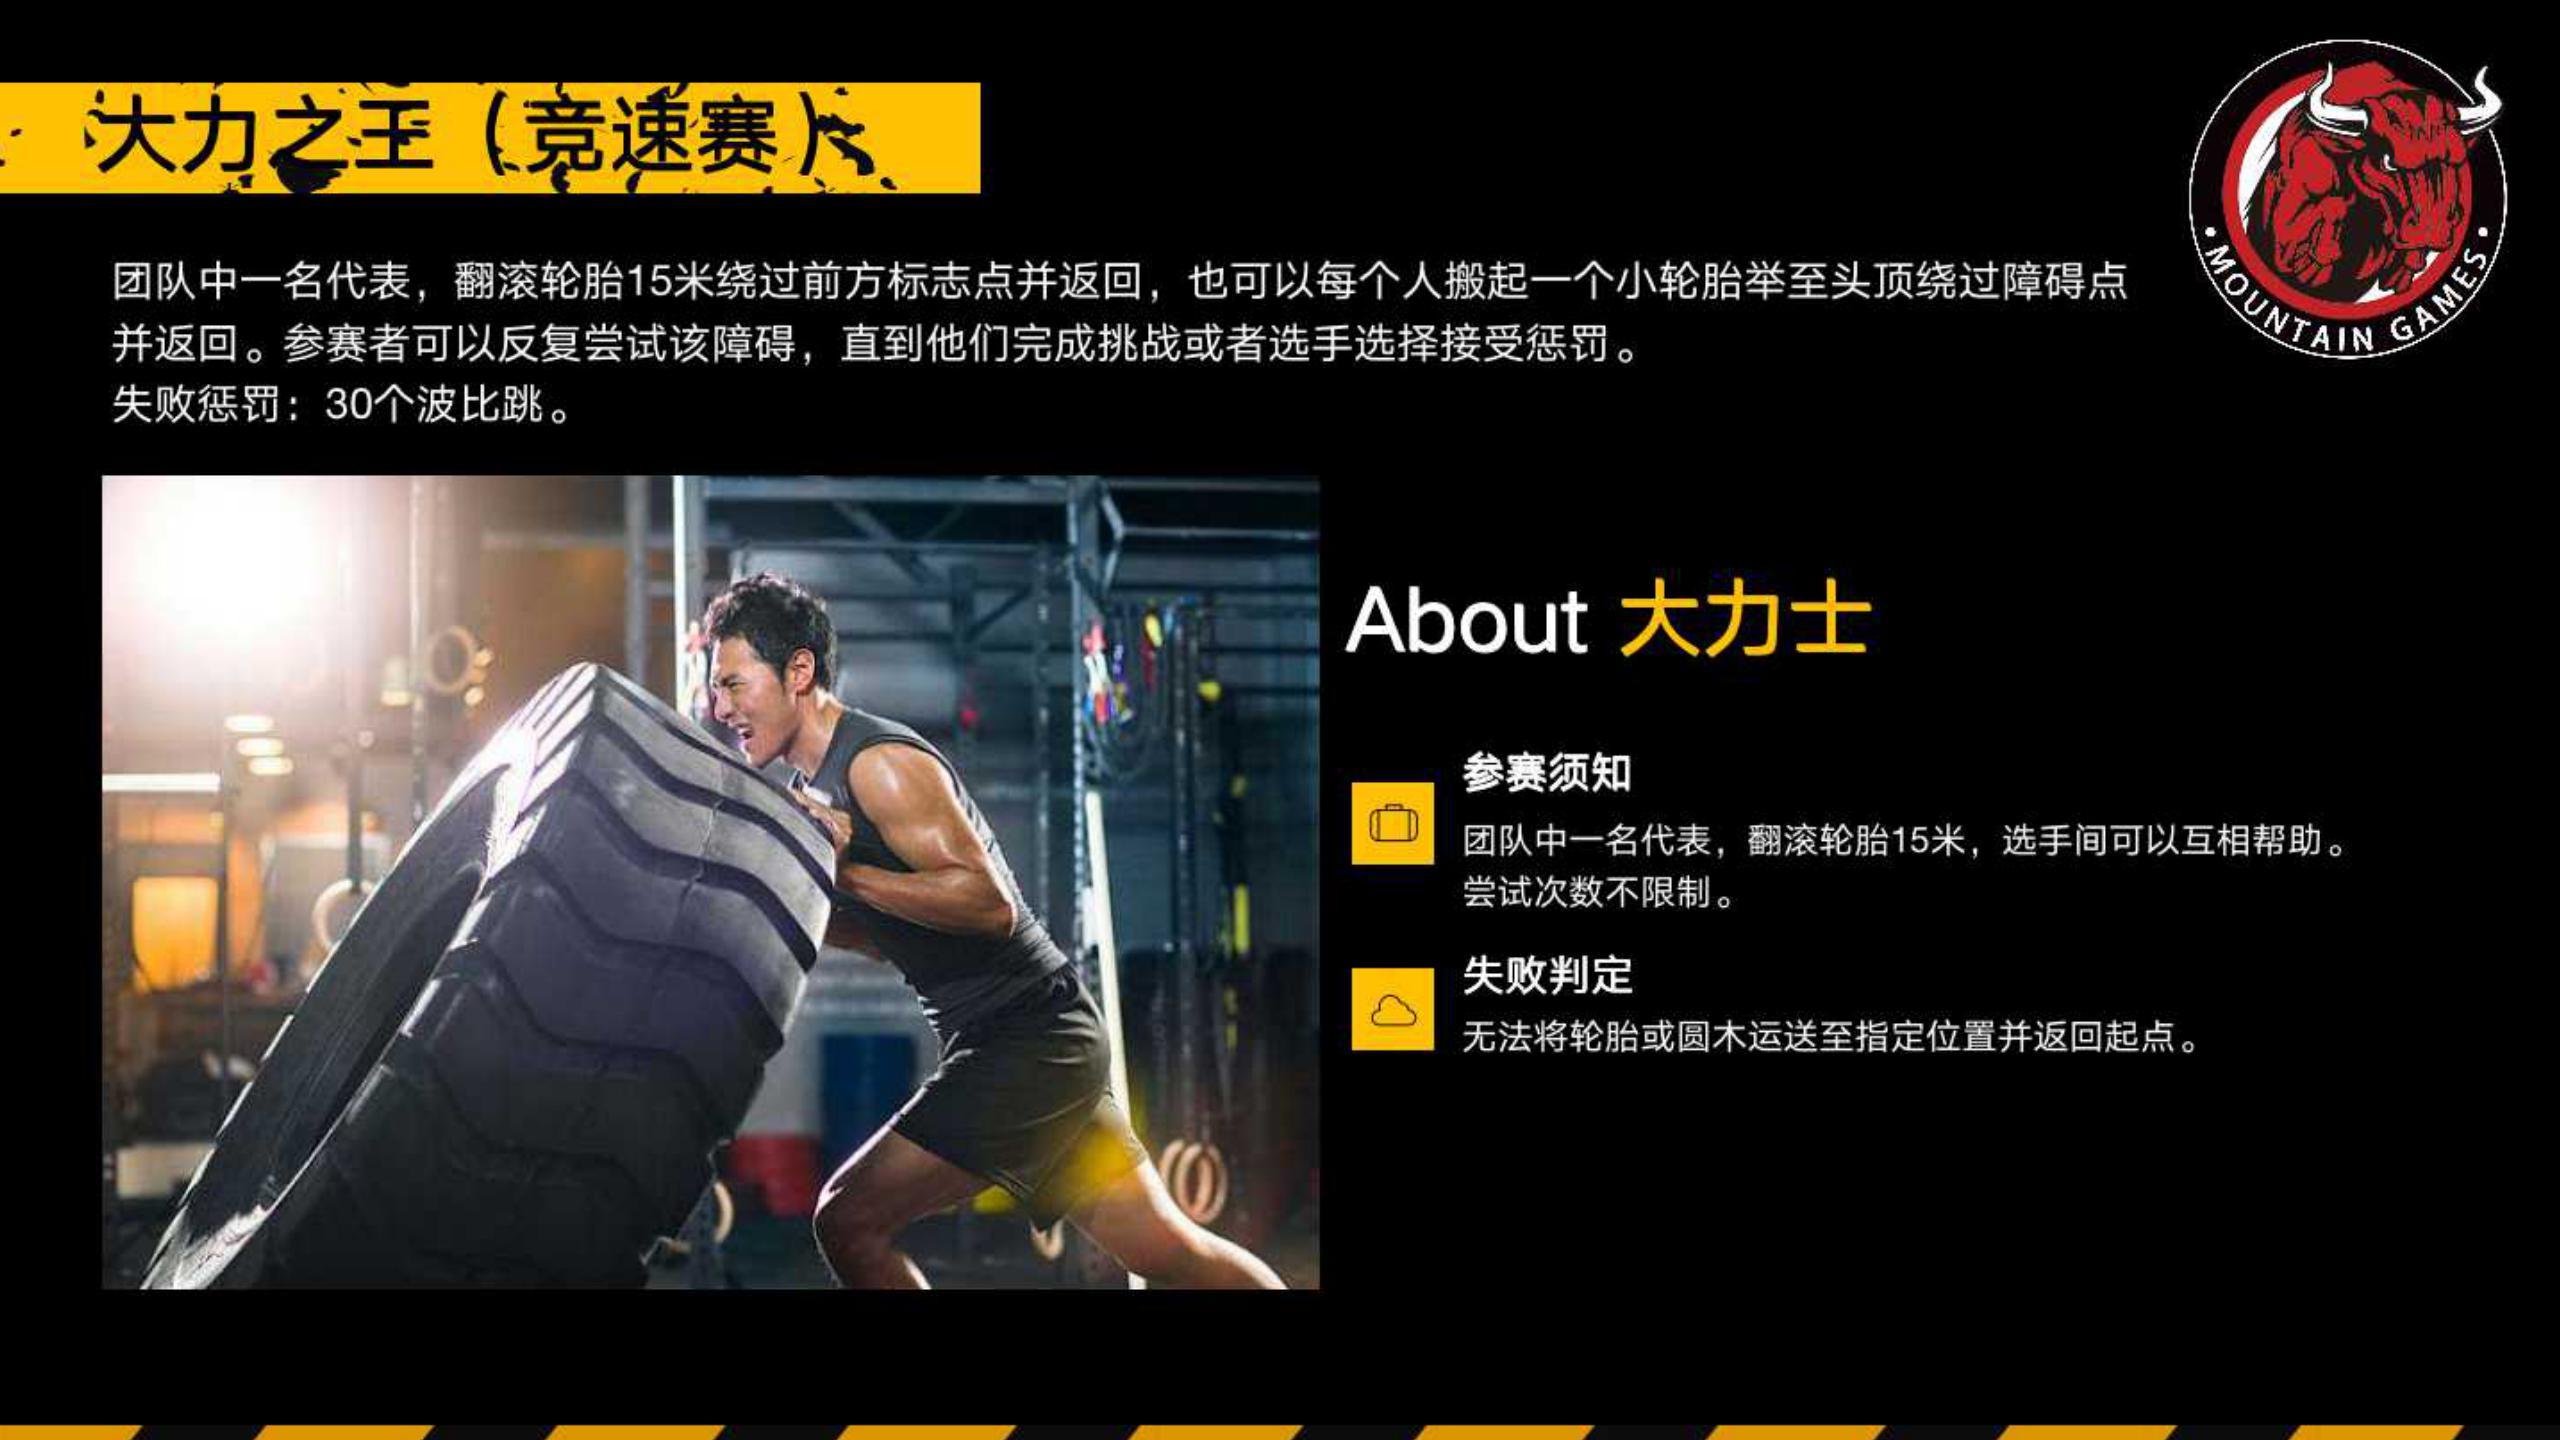 風之谷勇士挑戰賽toB端方案_15